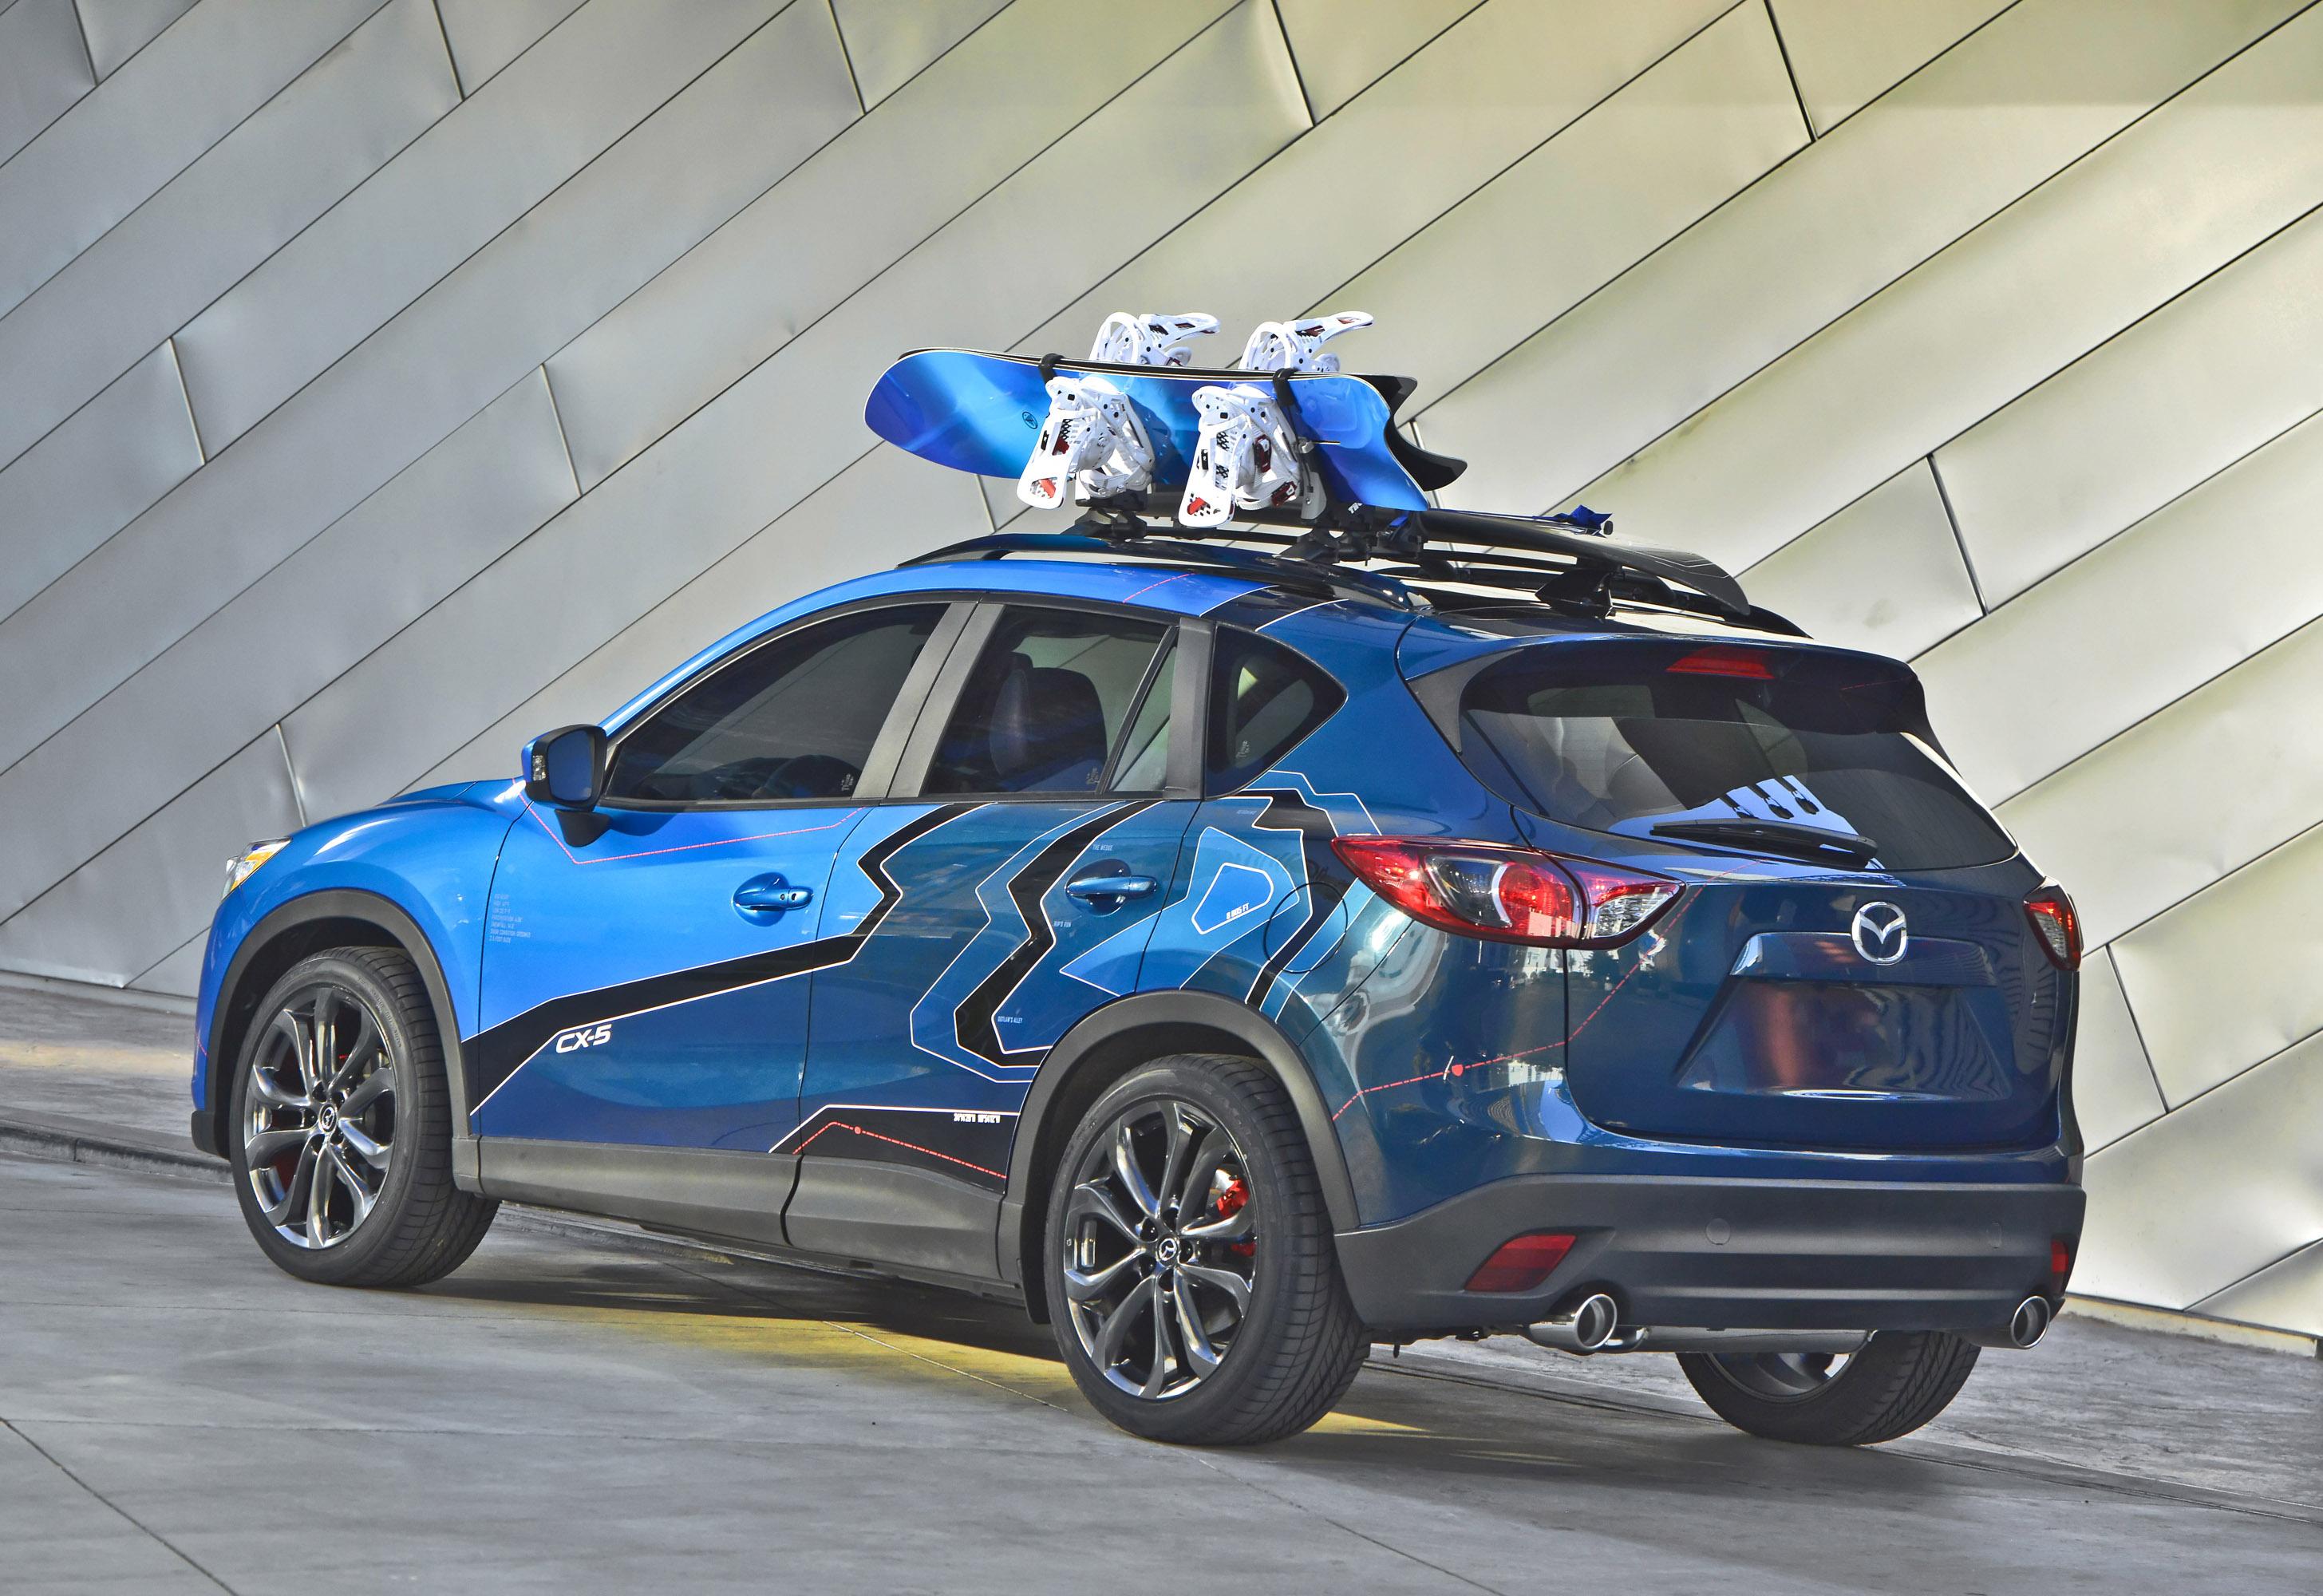 https://www.carsinvasion.com/gallery/2012-mazda-cx-5-180-concept/2012-mazda-cx-5-180-concept-14.jpg